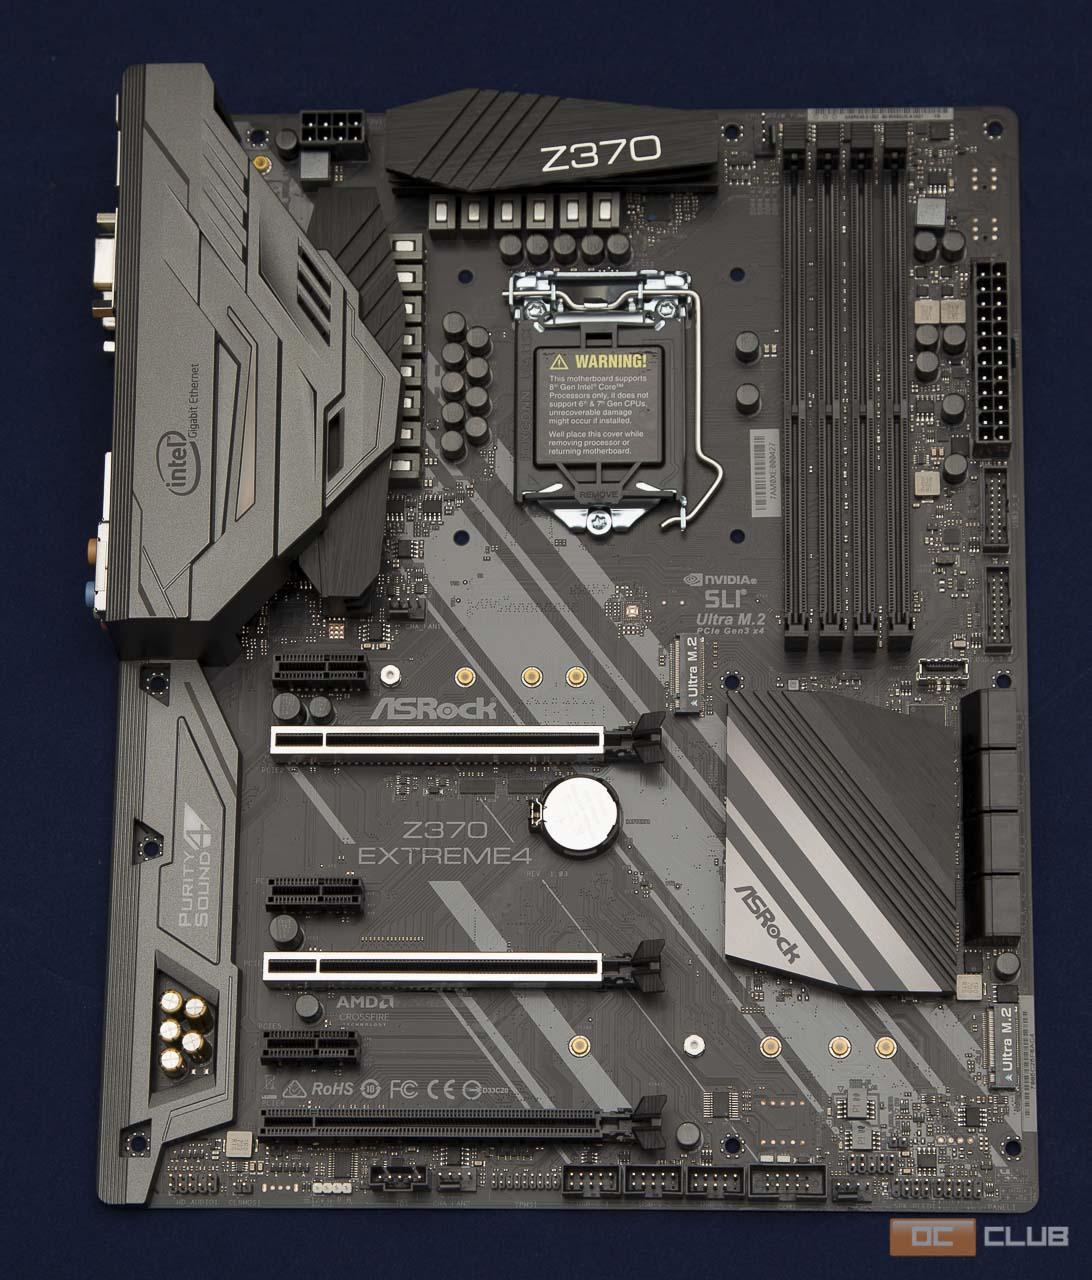 Обзор материнской платы ASRock Z370 Extreme4. Пожалуй, лучшее соотношение цена/качество на рынке